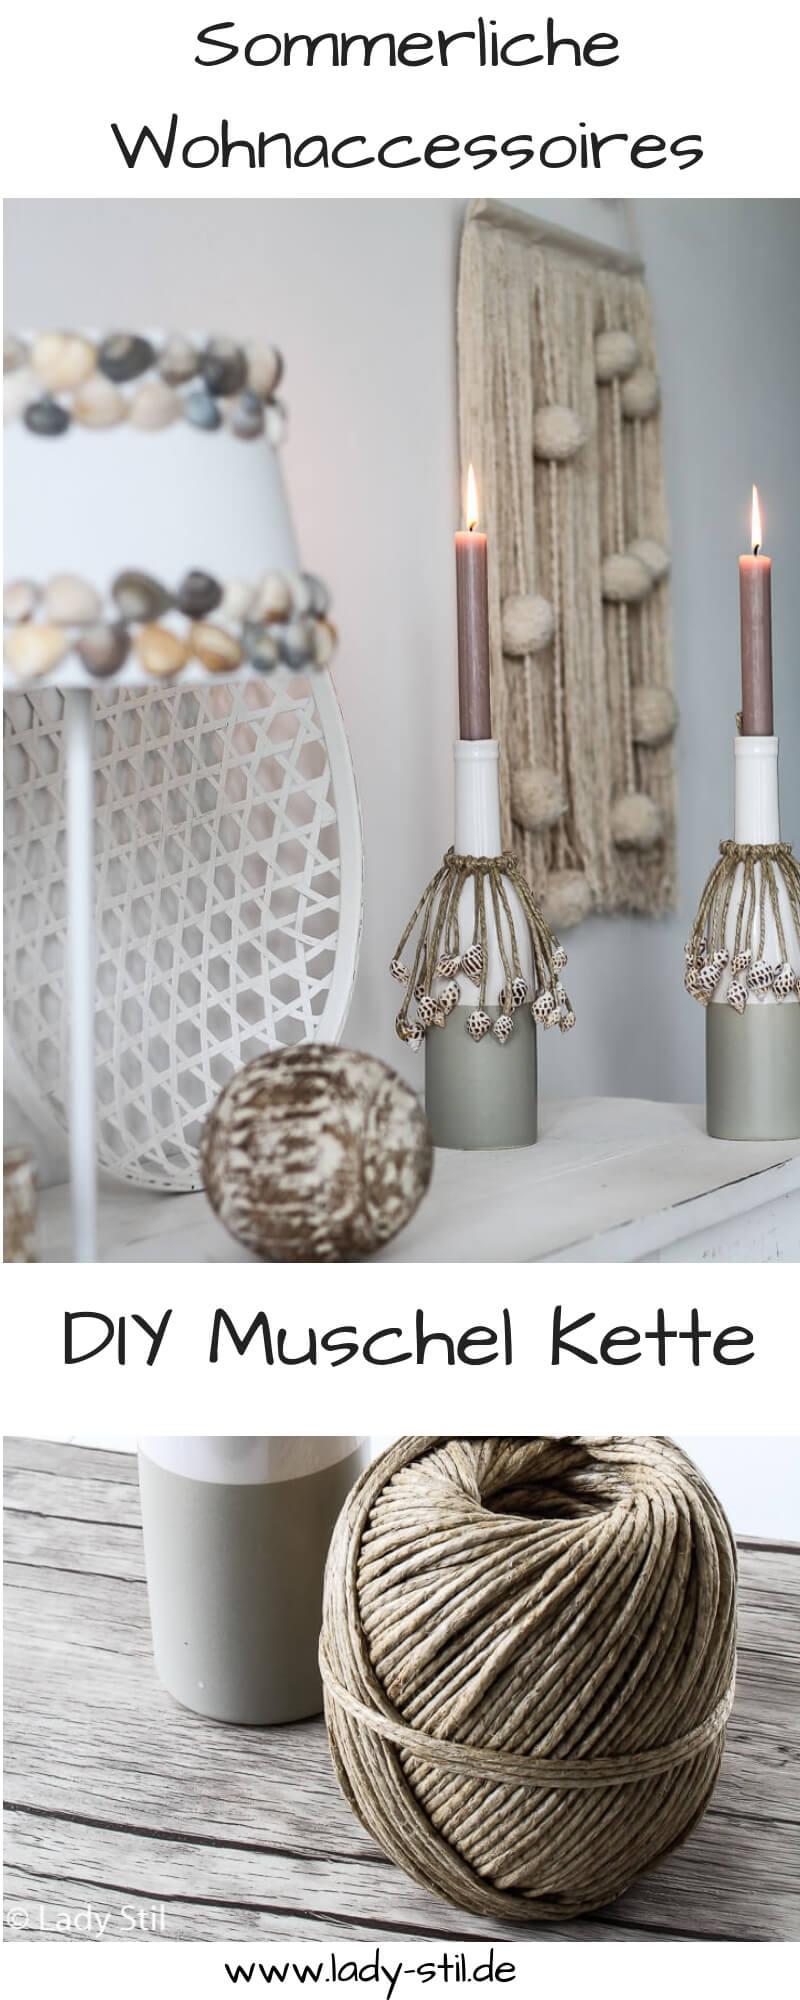 DIY Muschelkette